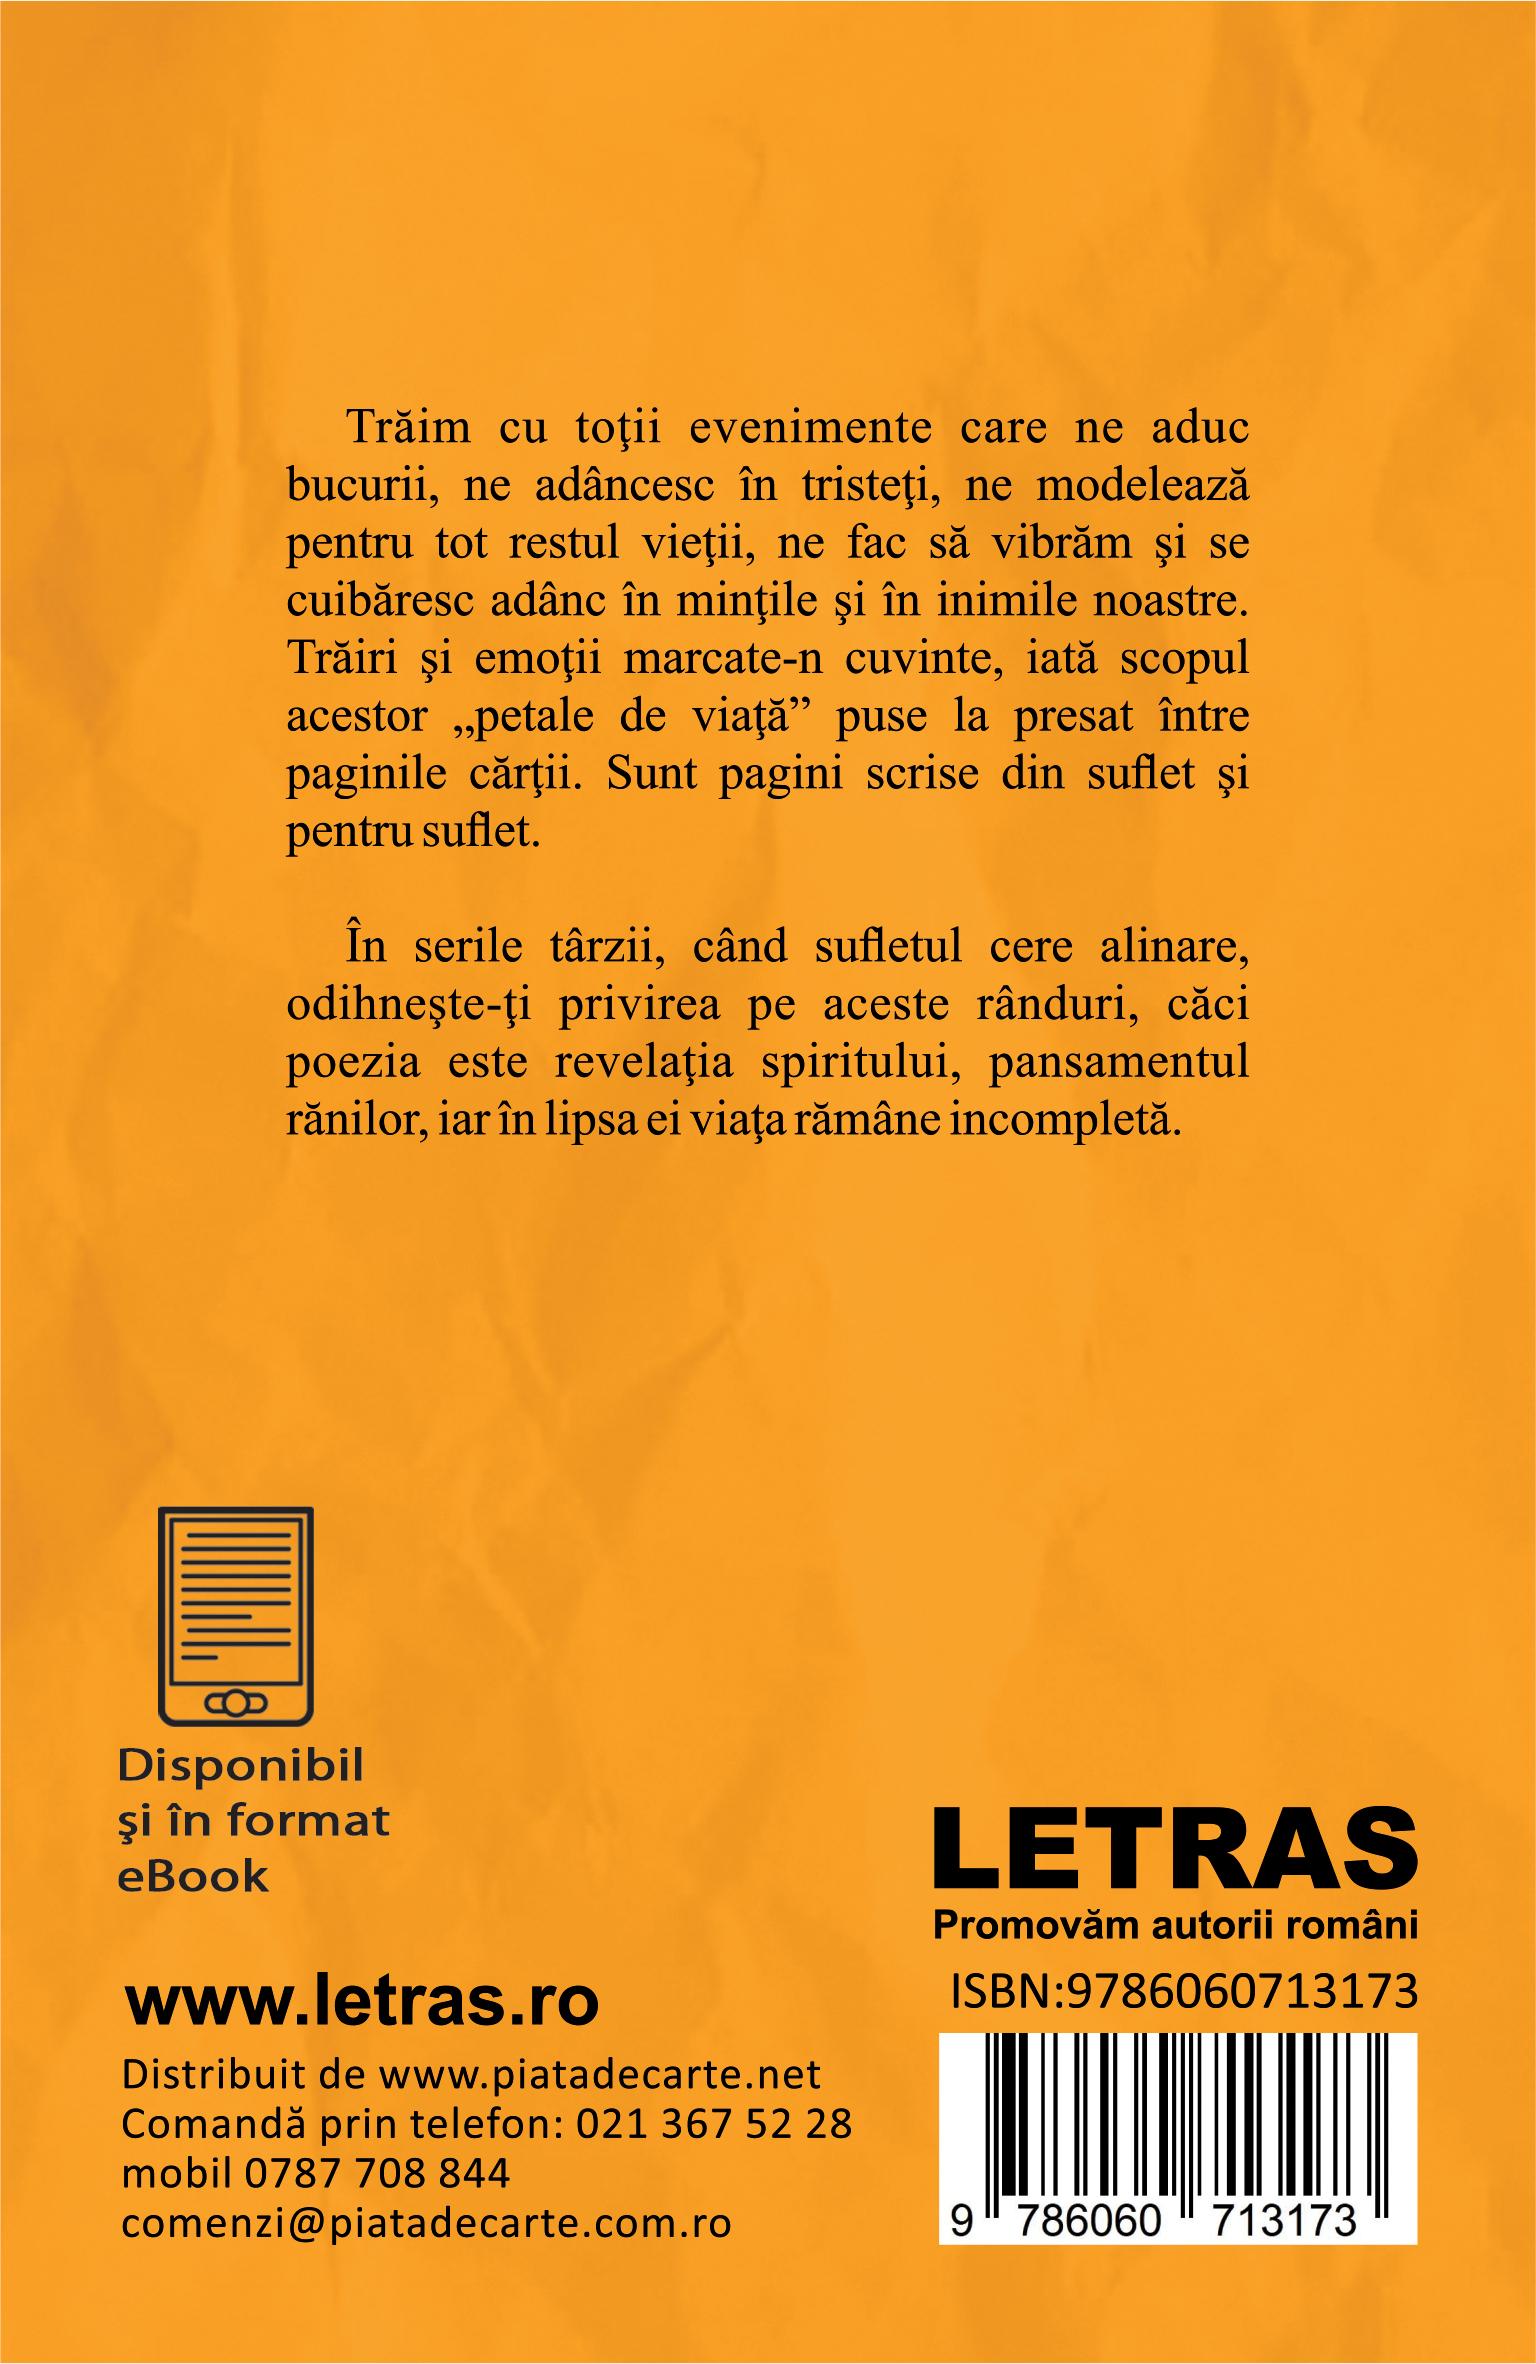 Dontu Viorel_Vechea strada_coperta 4_150 dpi_RGB